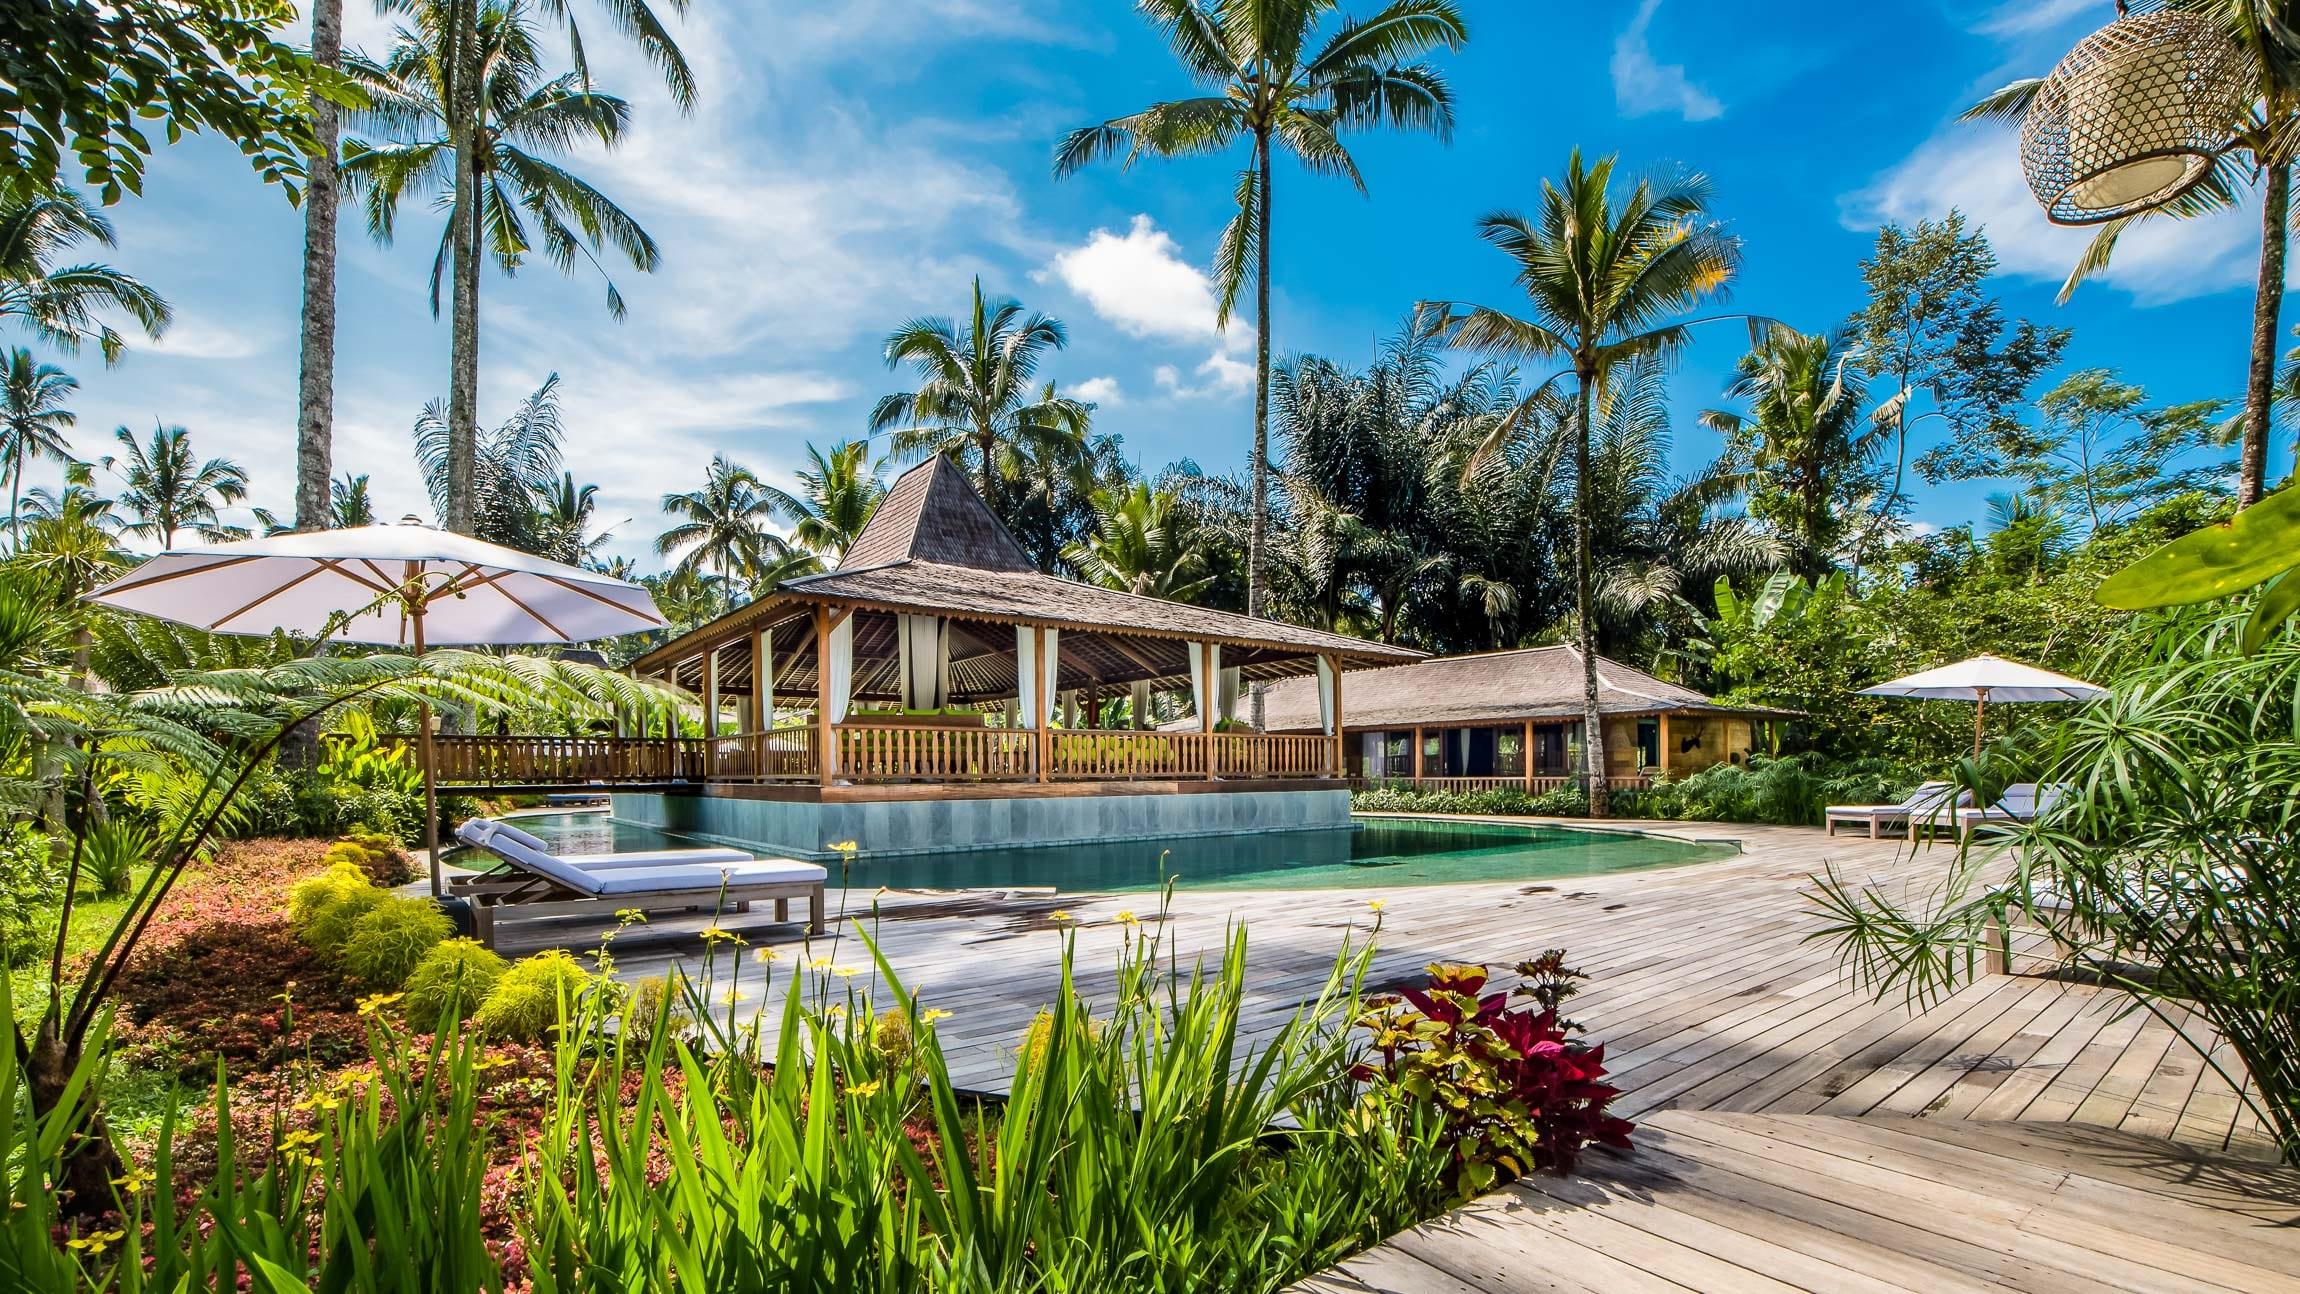 Villa Nag Shampa, Ubud, Bali, Indonesia - Bali Luxury Villas